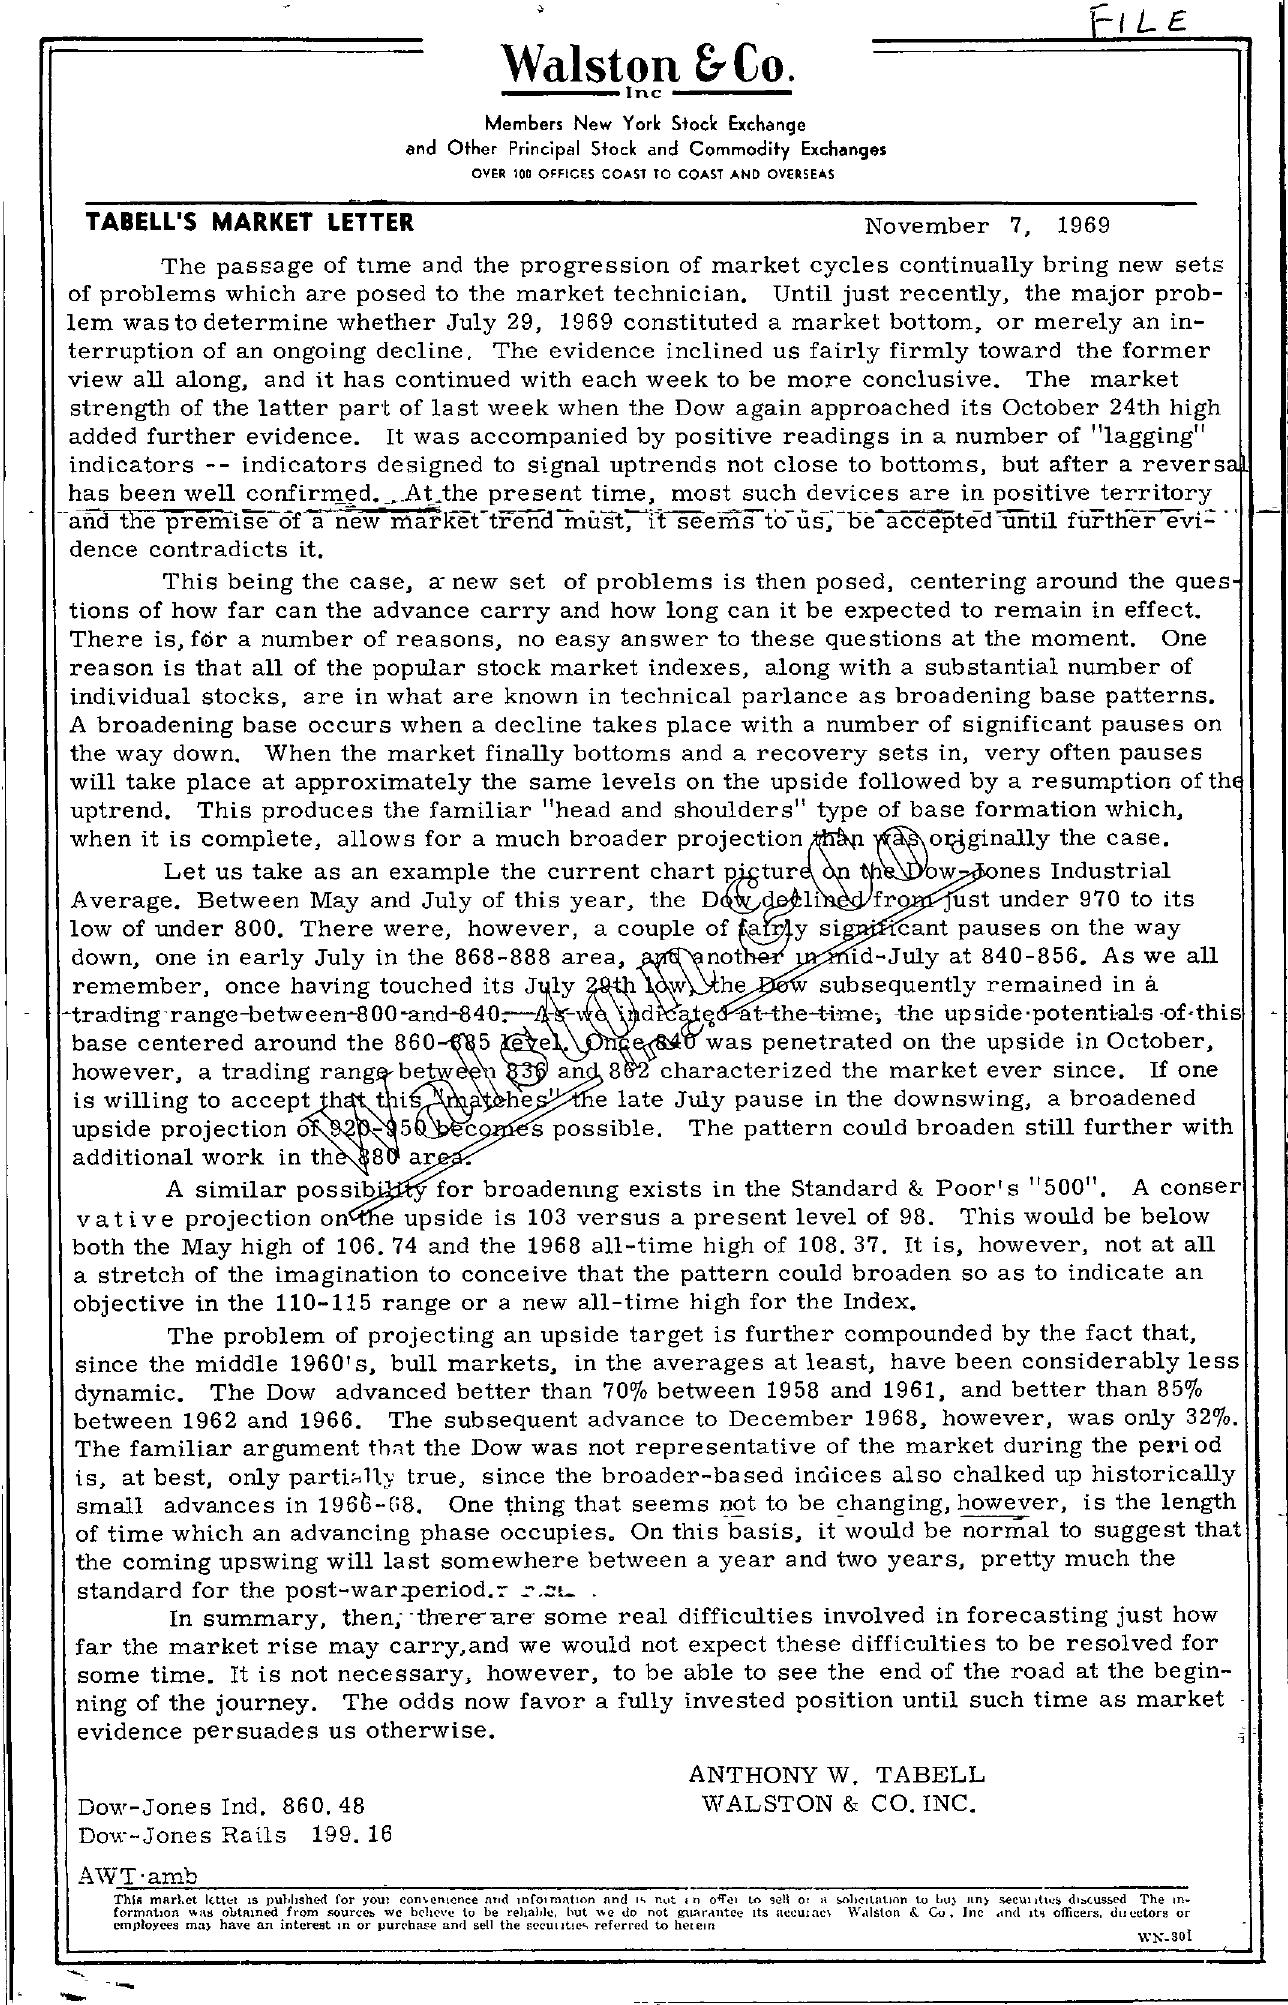 Tabell's Market Letter - November 07, 1969